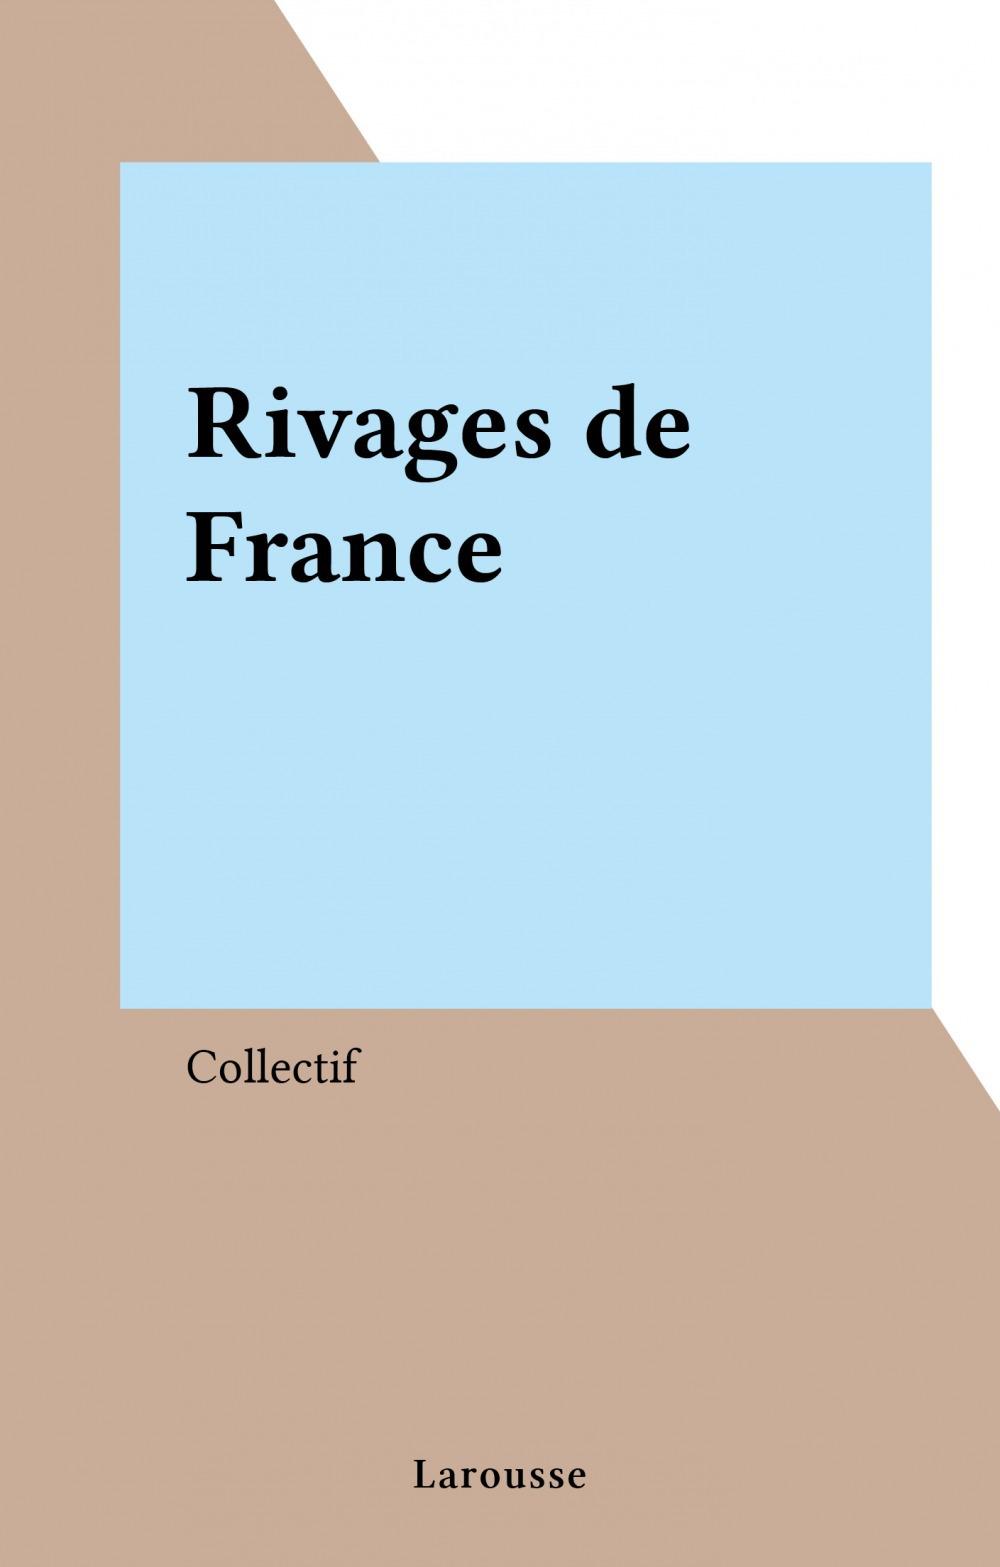 Rivages de France